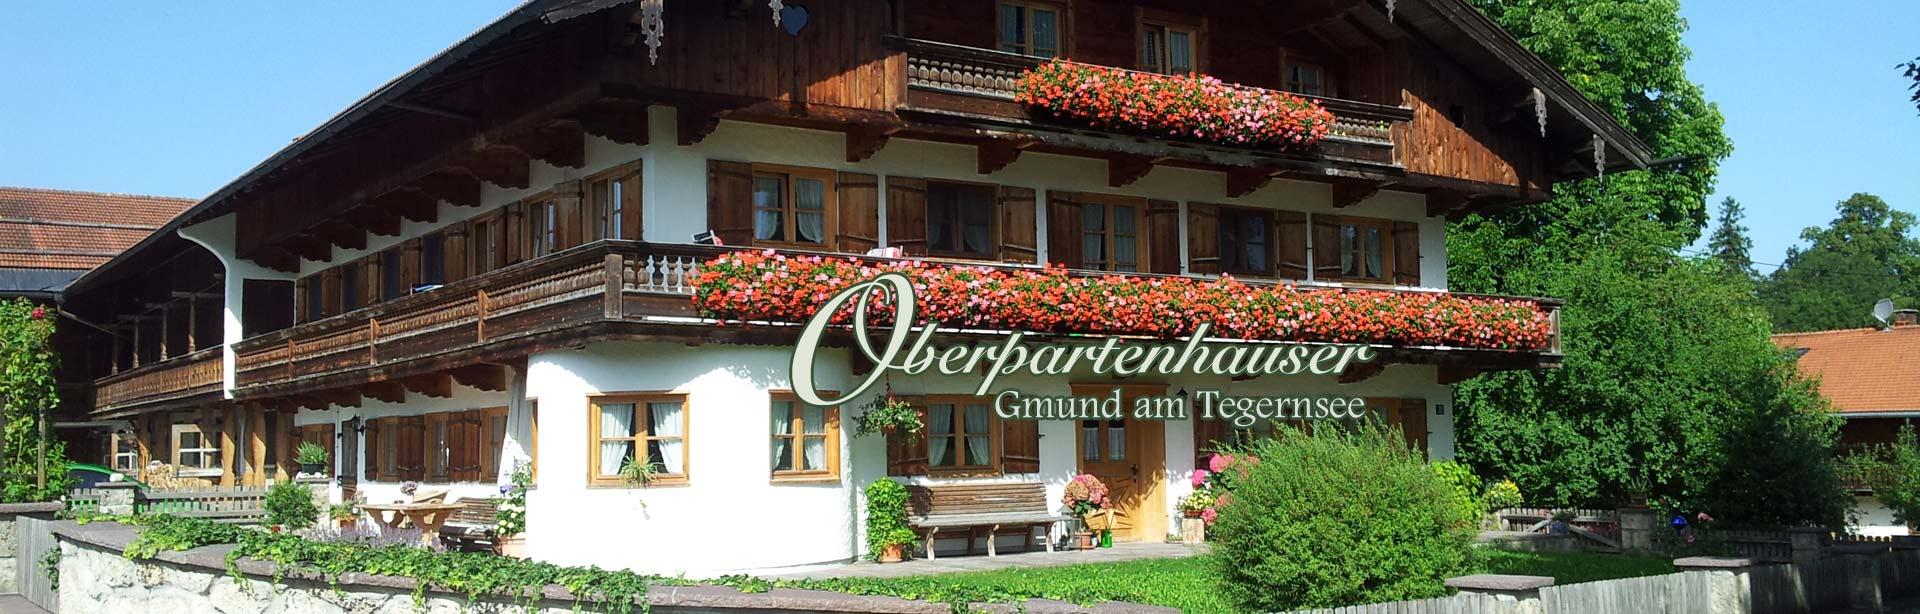 Bild Oberpartenhauser Hof Gmund